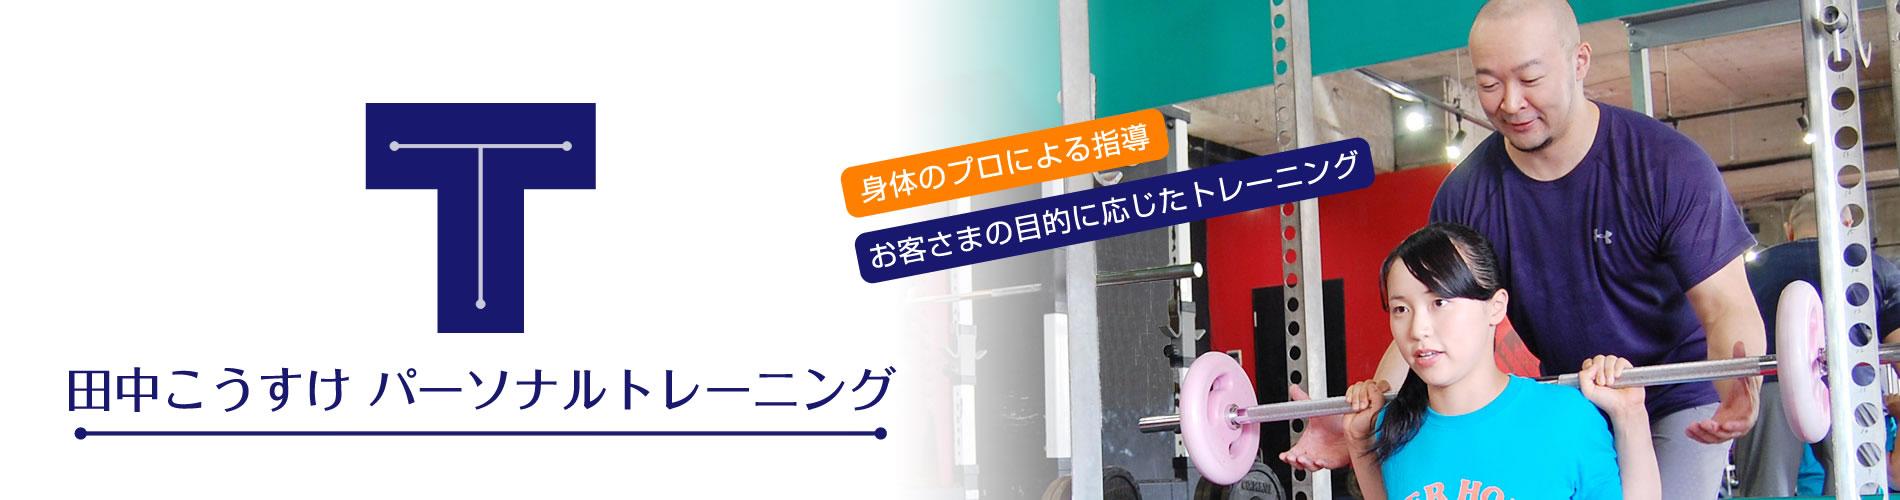 田中こうすけパーソナルトレーニング